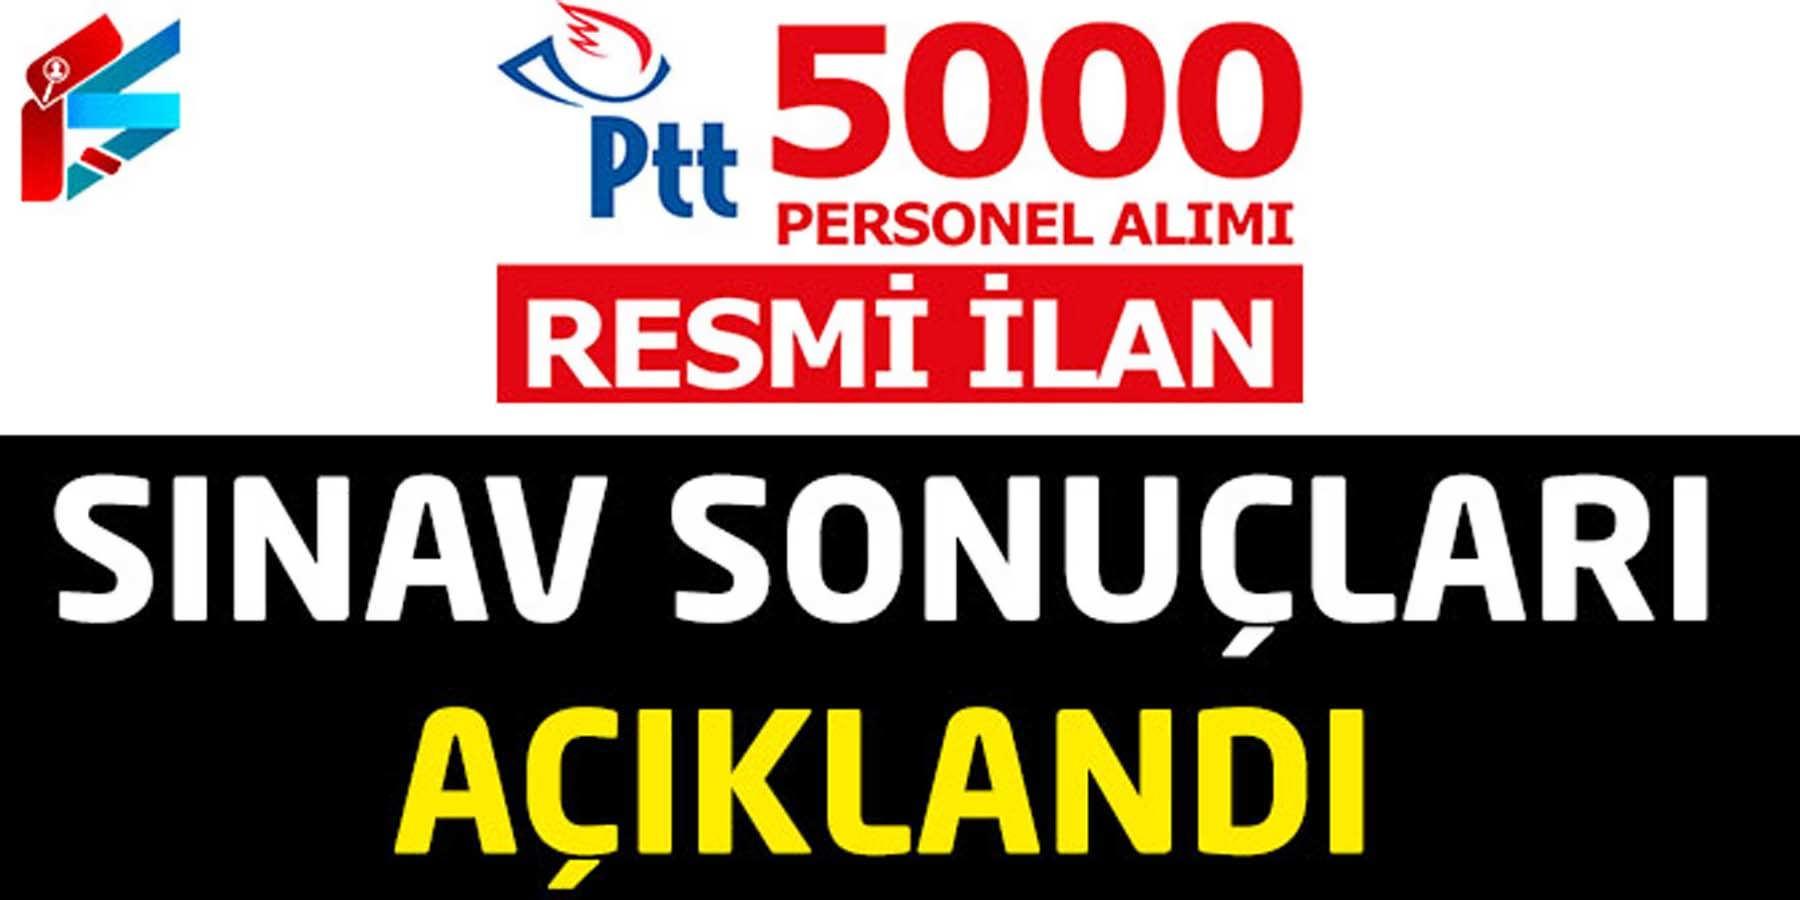 PTT 5000 Personel Alımı Sınav Sonuçlarını Yayımladı